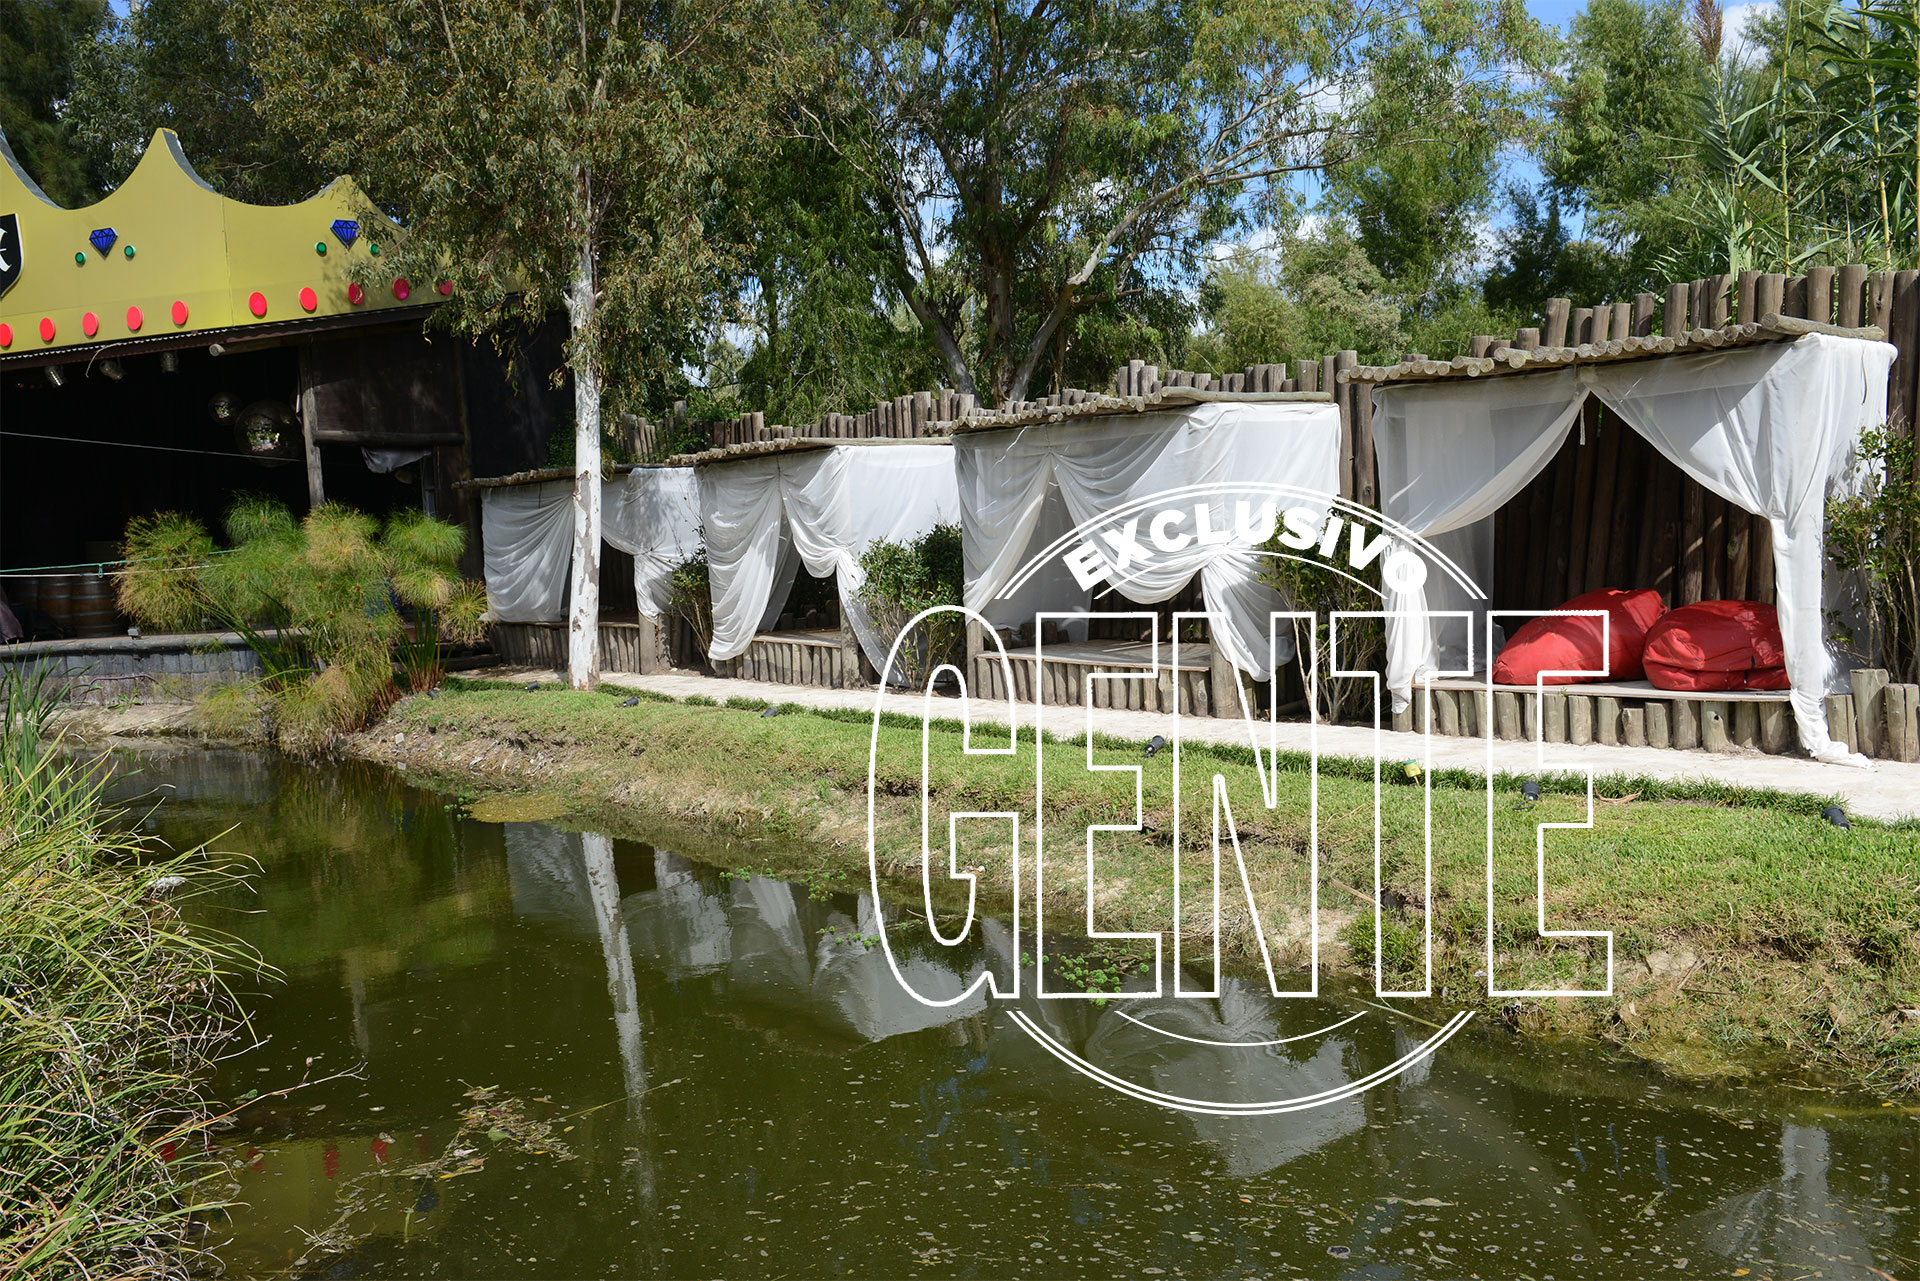 El jardín con laguna y gazebos. Foto: Julio César Ruiz/GENTE